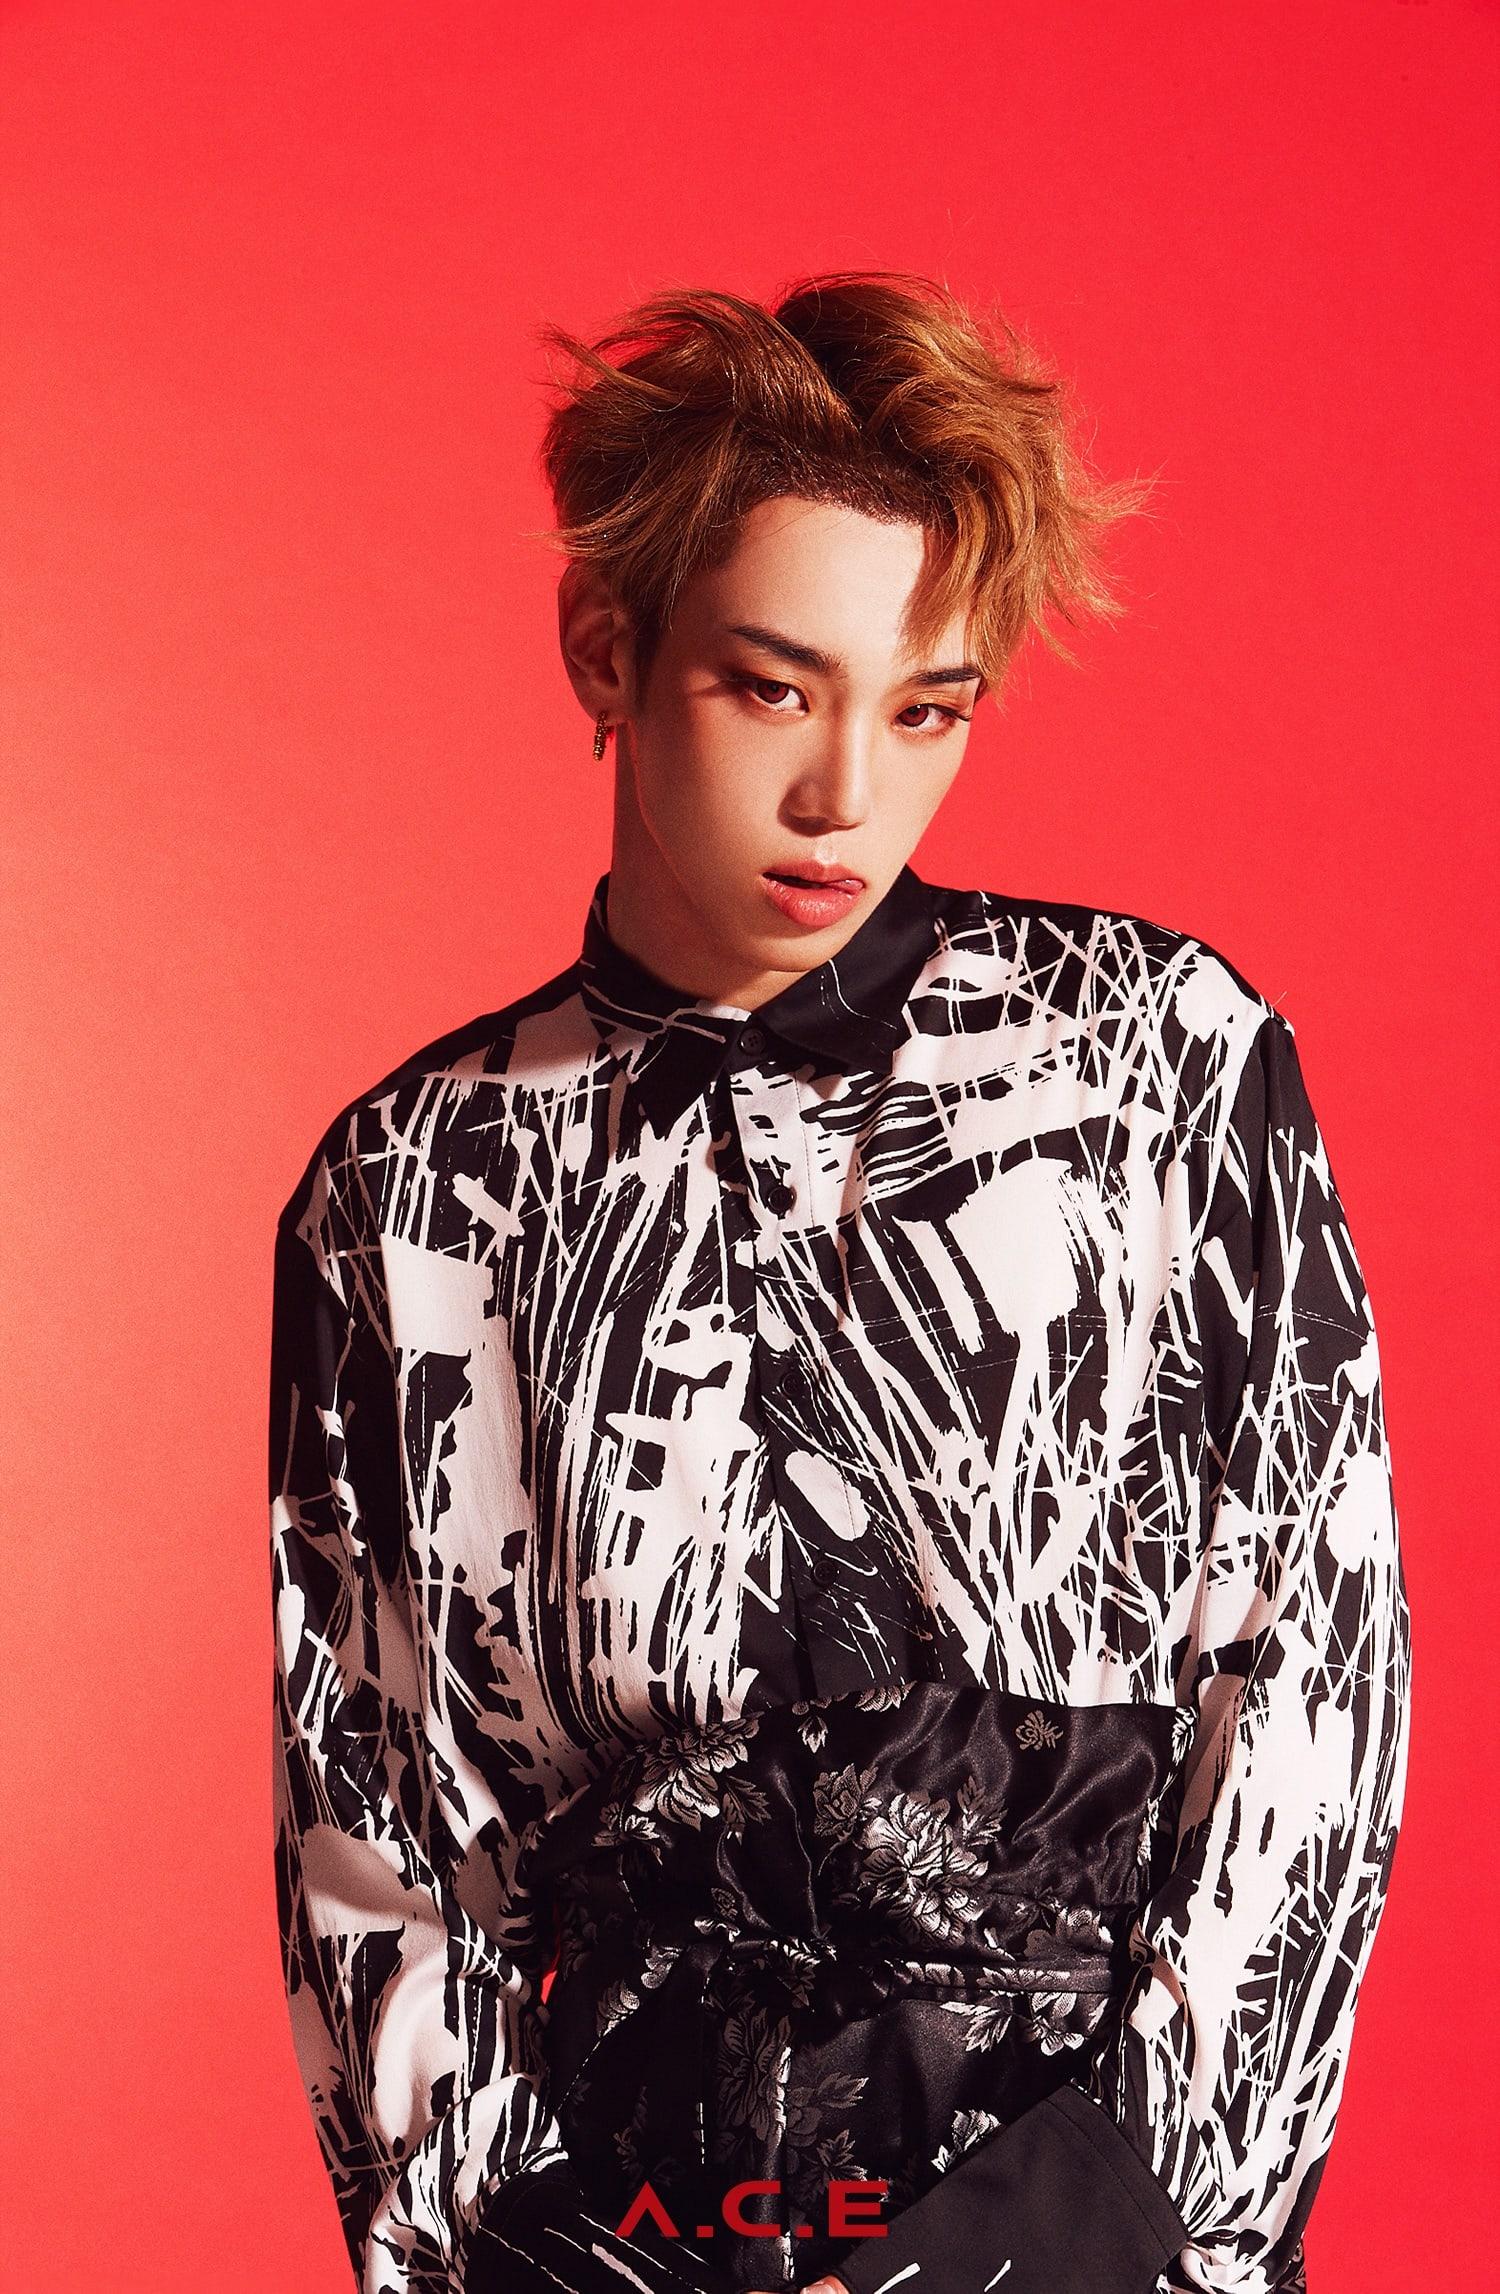 ace byeongkwan 3